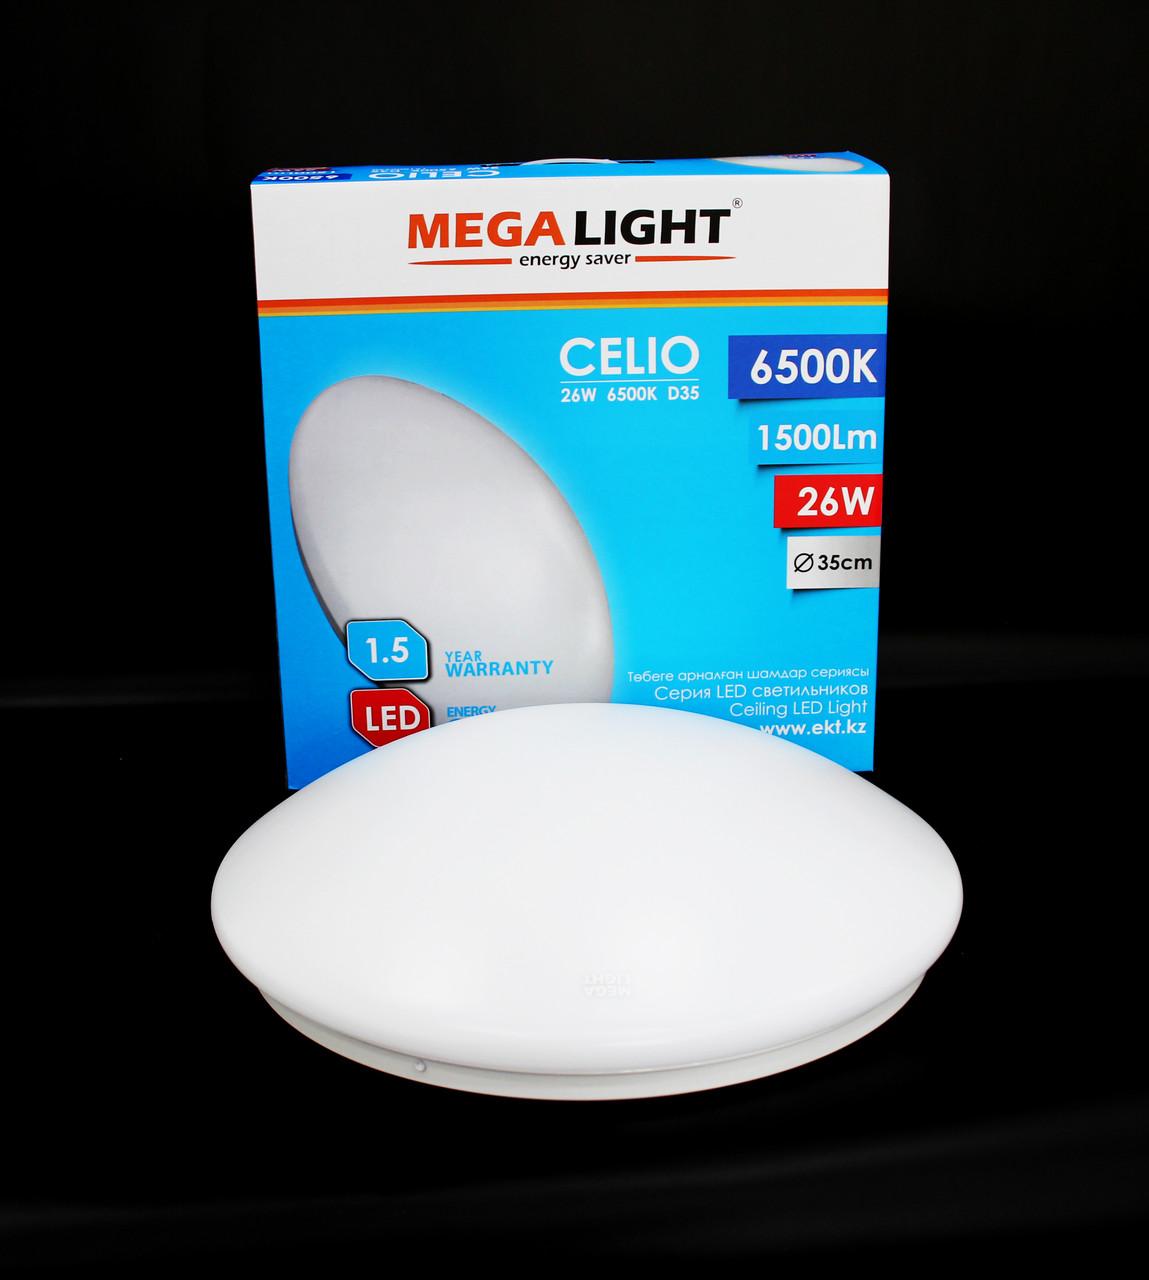 Cветодиодные энергосбрегающие светильники ДПО CL CELIO 26W (MegaLight)